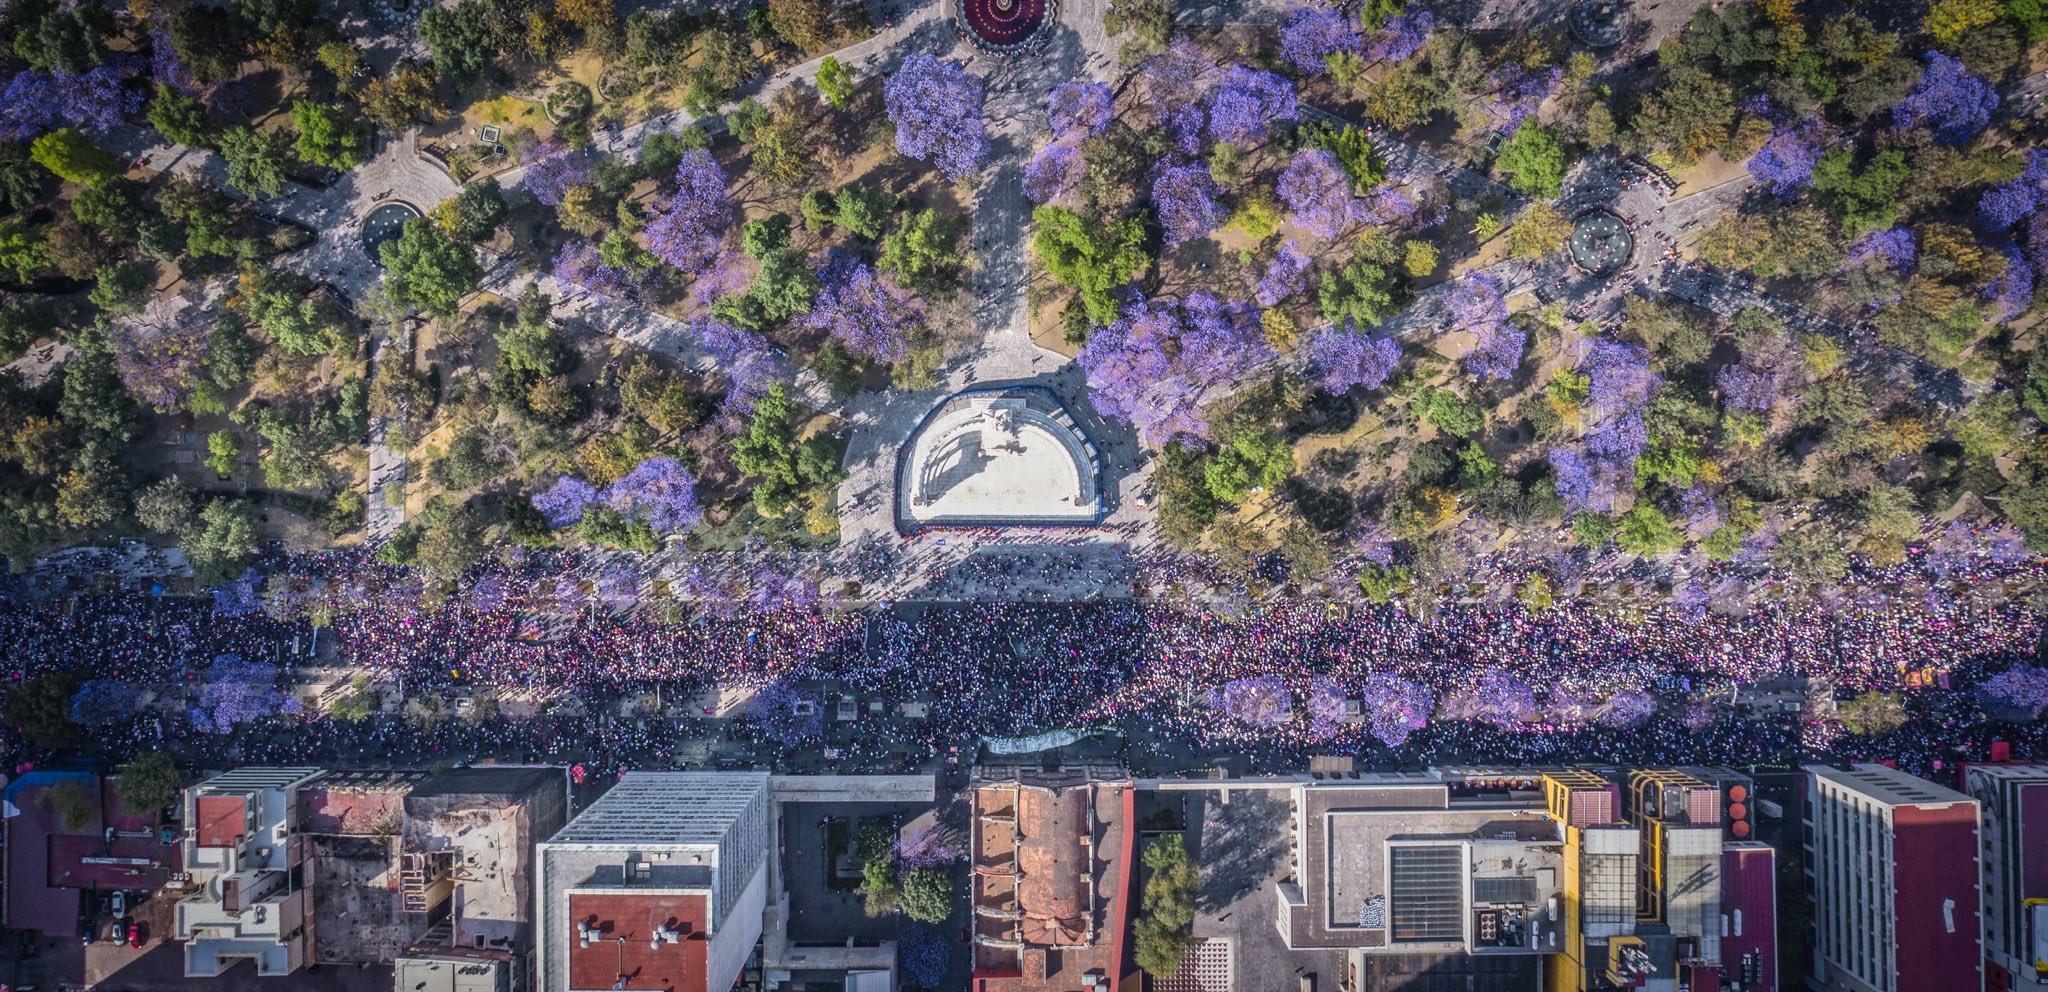 LA MARCHA DEL 8 DE MARZO VISTA DESDE EL DRONE DE SANTIAGO ARAU